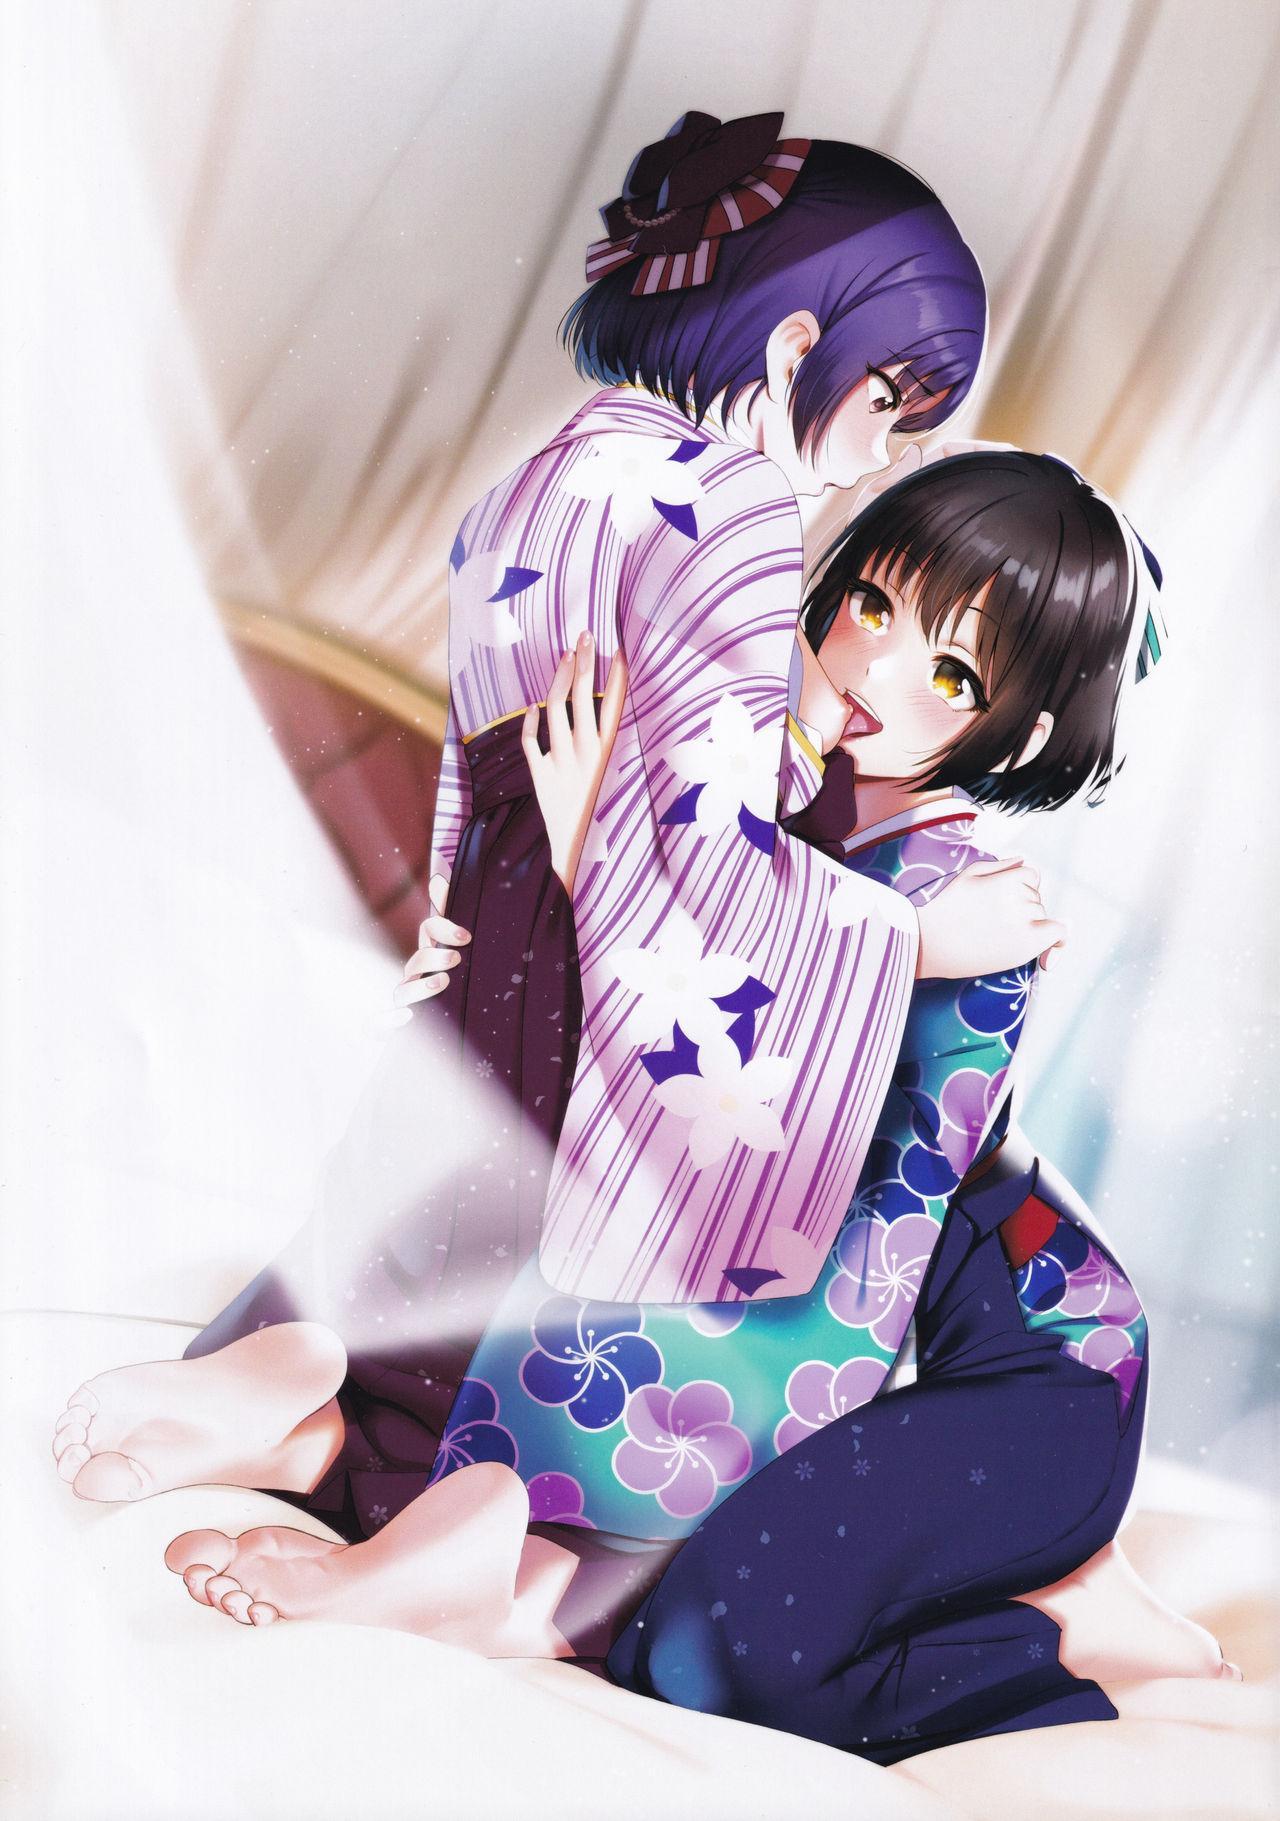 Kasanaru Unmei 7